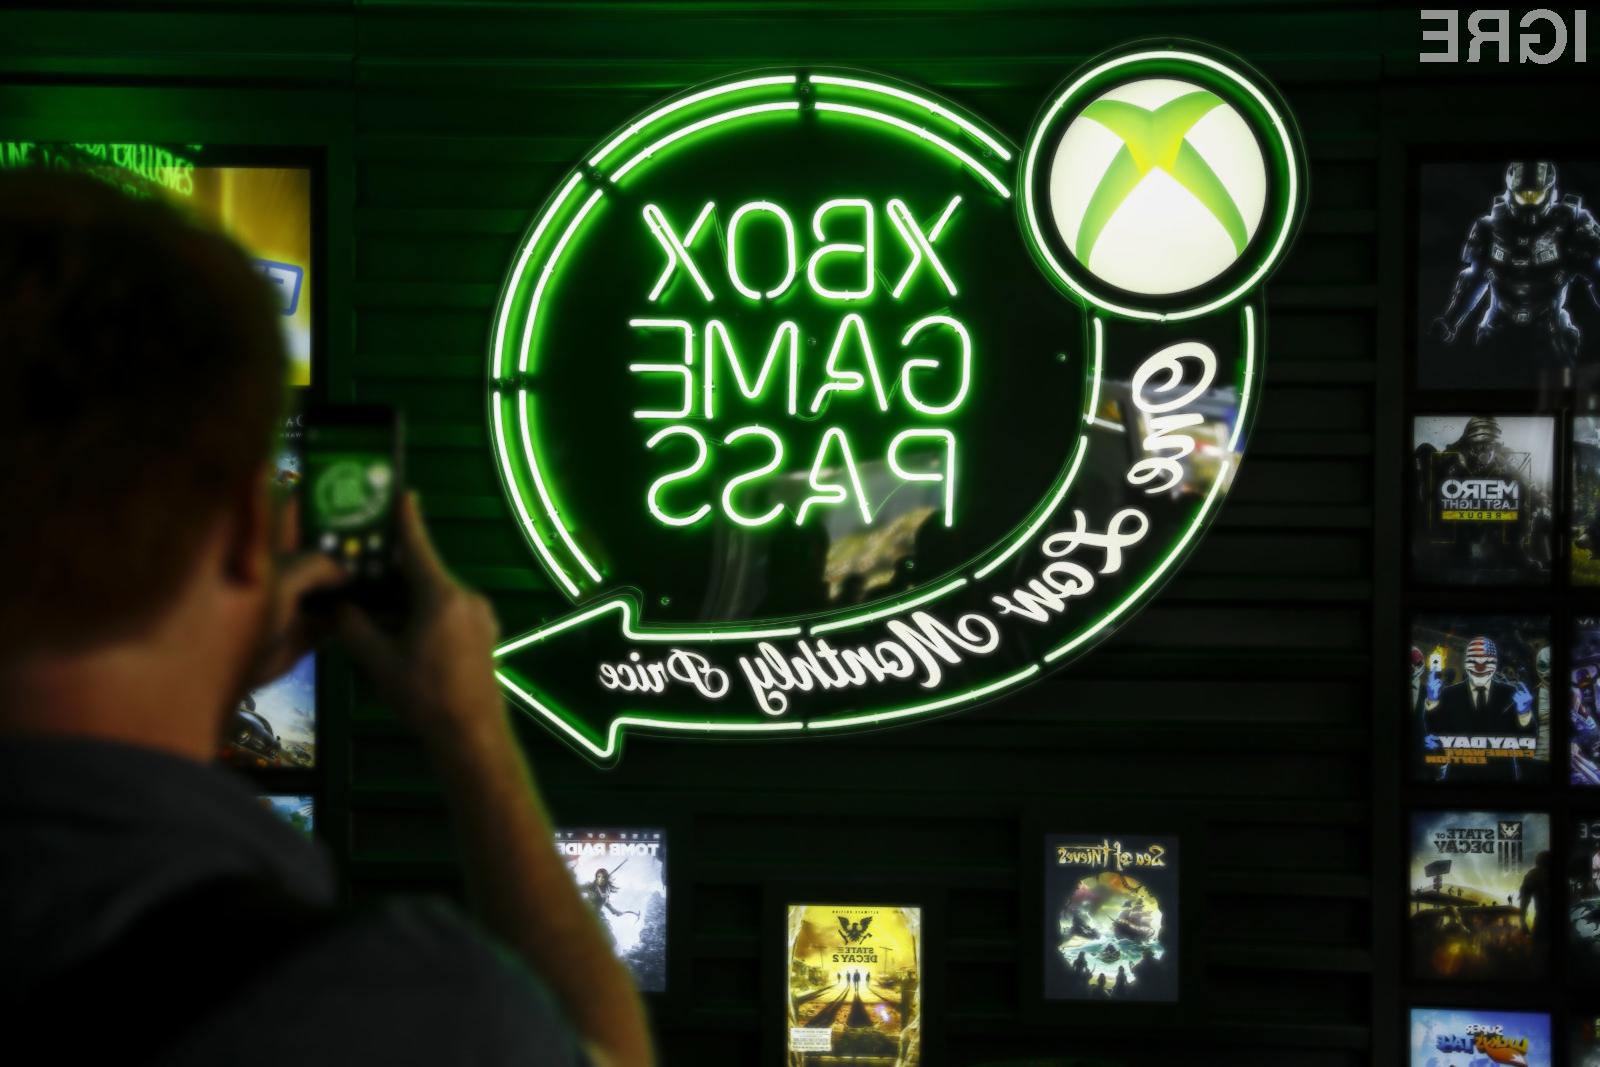 Funkcionalnost FastStart zagotovi, da lahko uporabniki konzol Xbox igrajo igre dvakrat hitreje kot v tem trenutku.